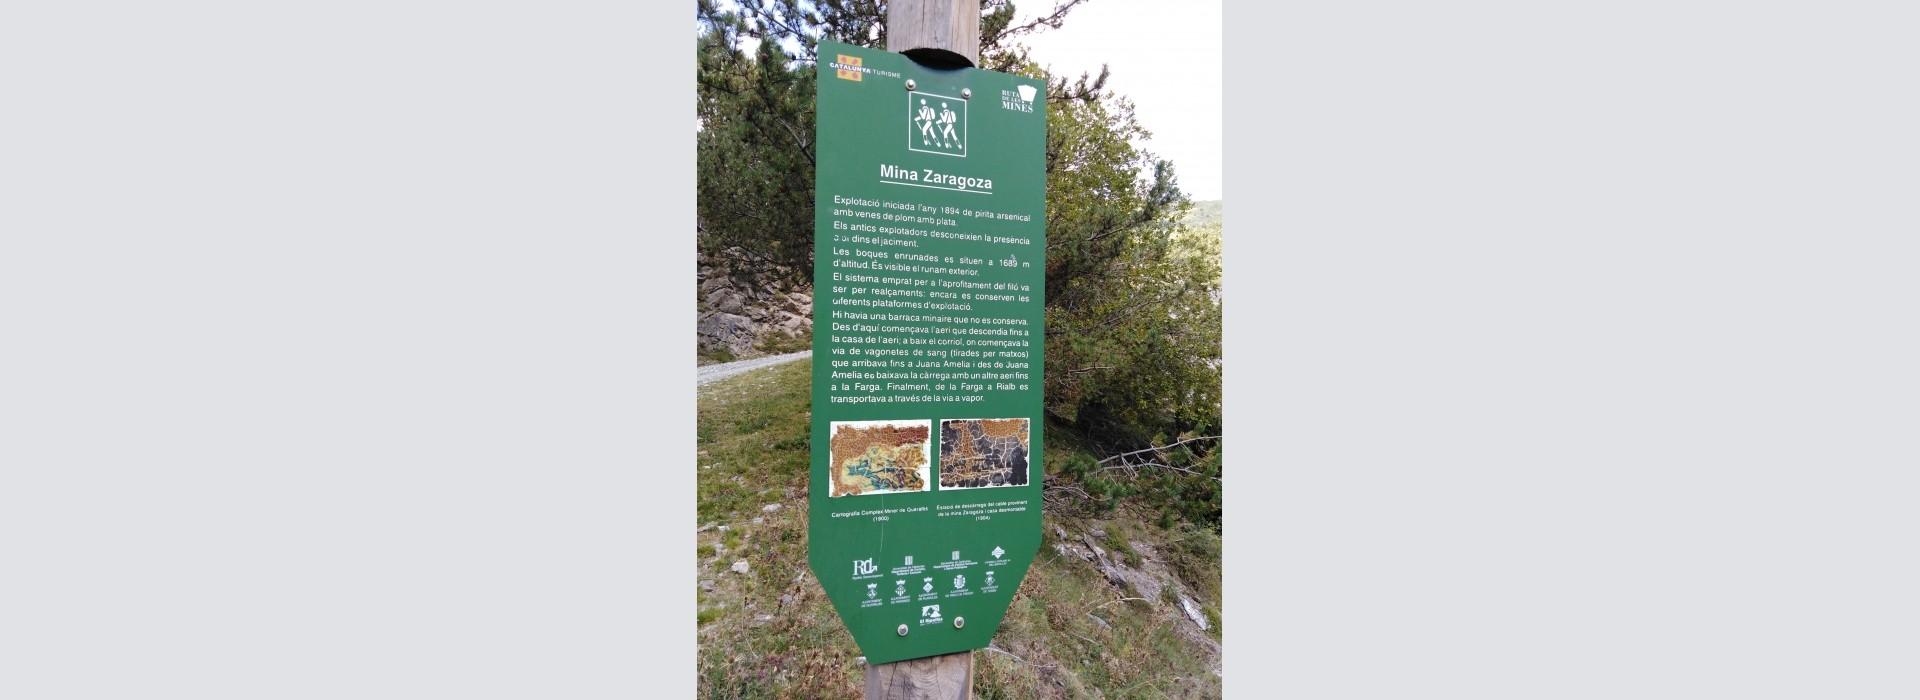 """Sortida del GMC a la mina """"Zaragoza"""" (Queralbs) i als terregalls de les mines del collet de les Barraques (Planoles), a la Vall de Ribes, el Ripollès, Girona."""